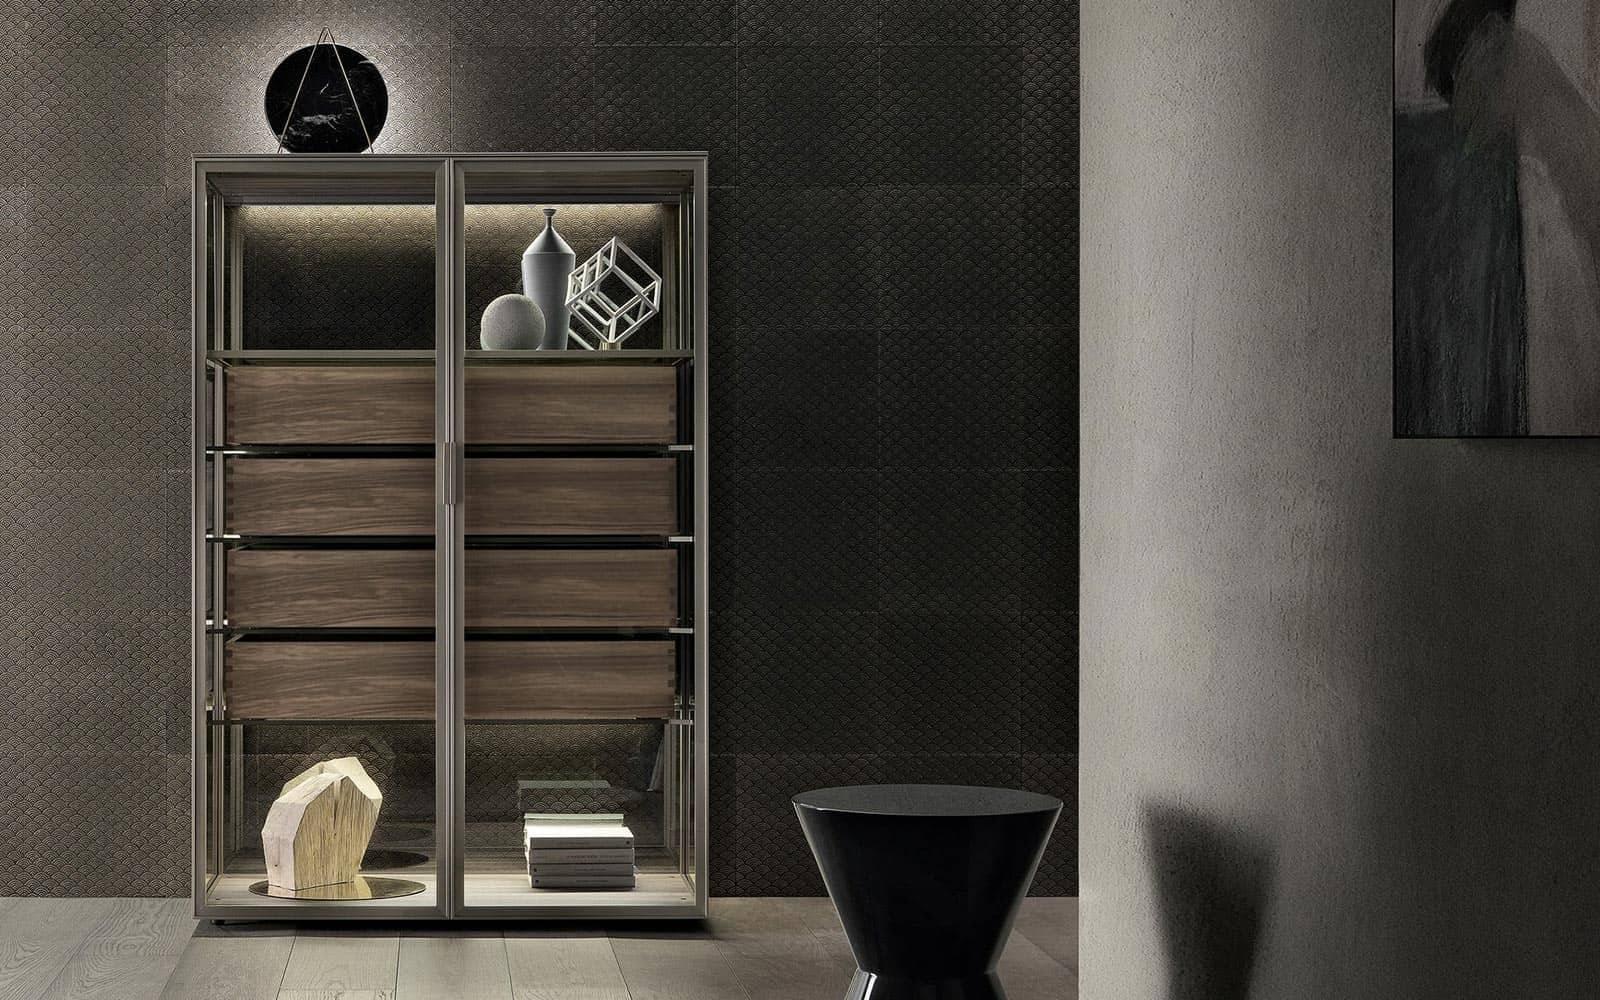 rimadesio alambra monetice glazen kast met lades in notenhout italiaans design